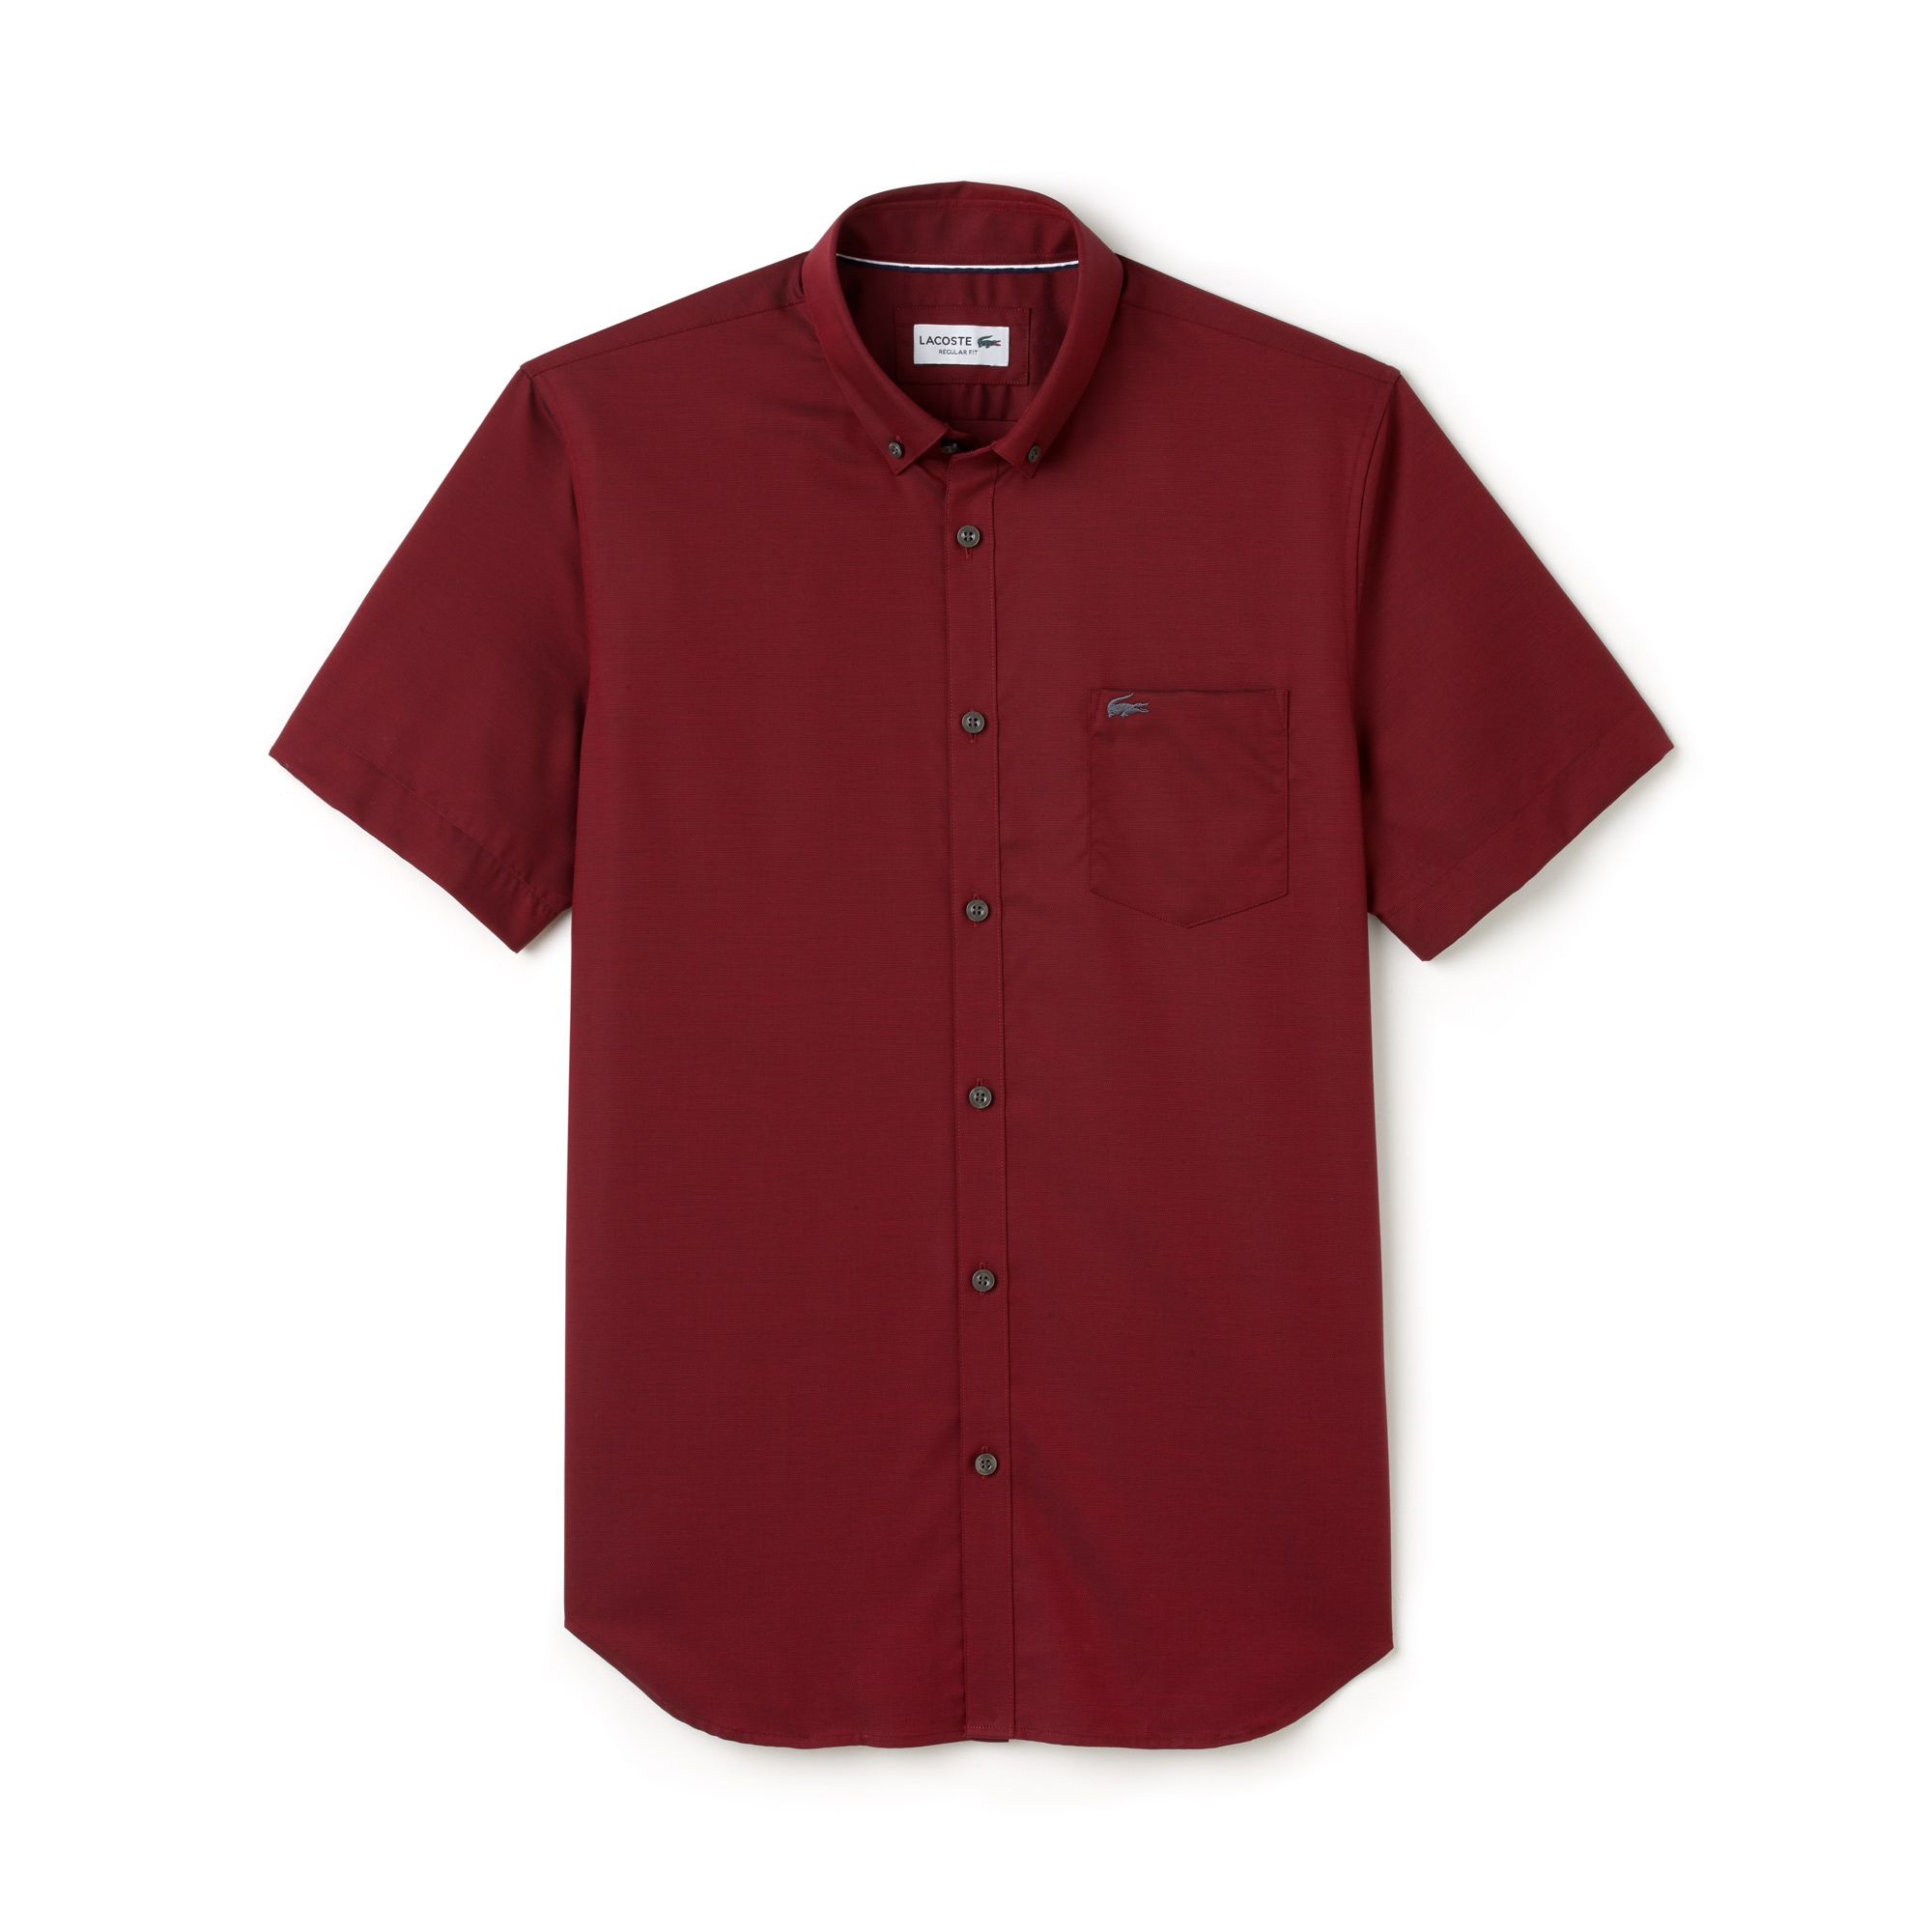 Camicia regular fit a maniche corte in mini piqué tinta unita